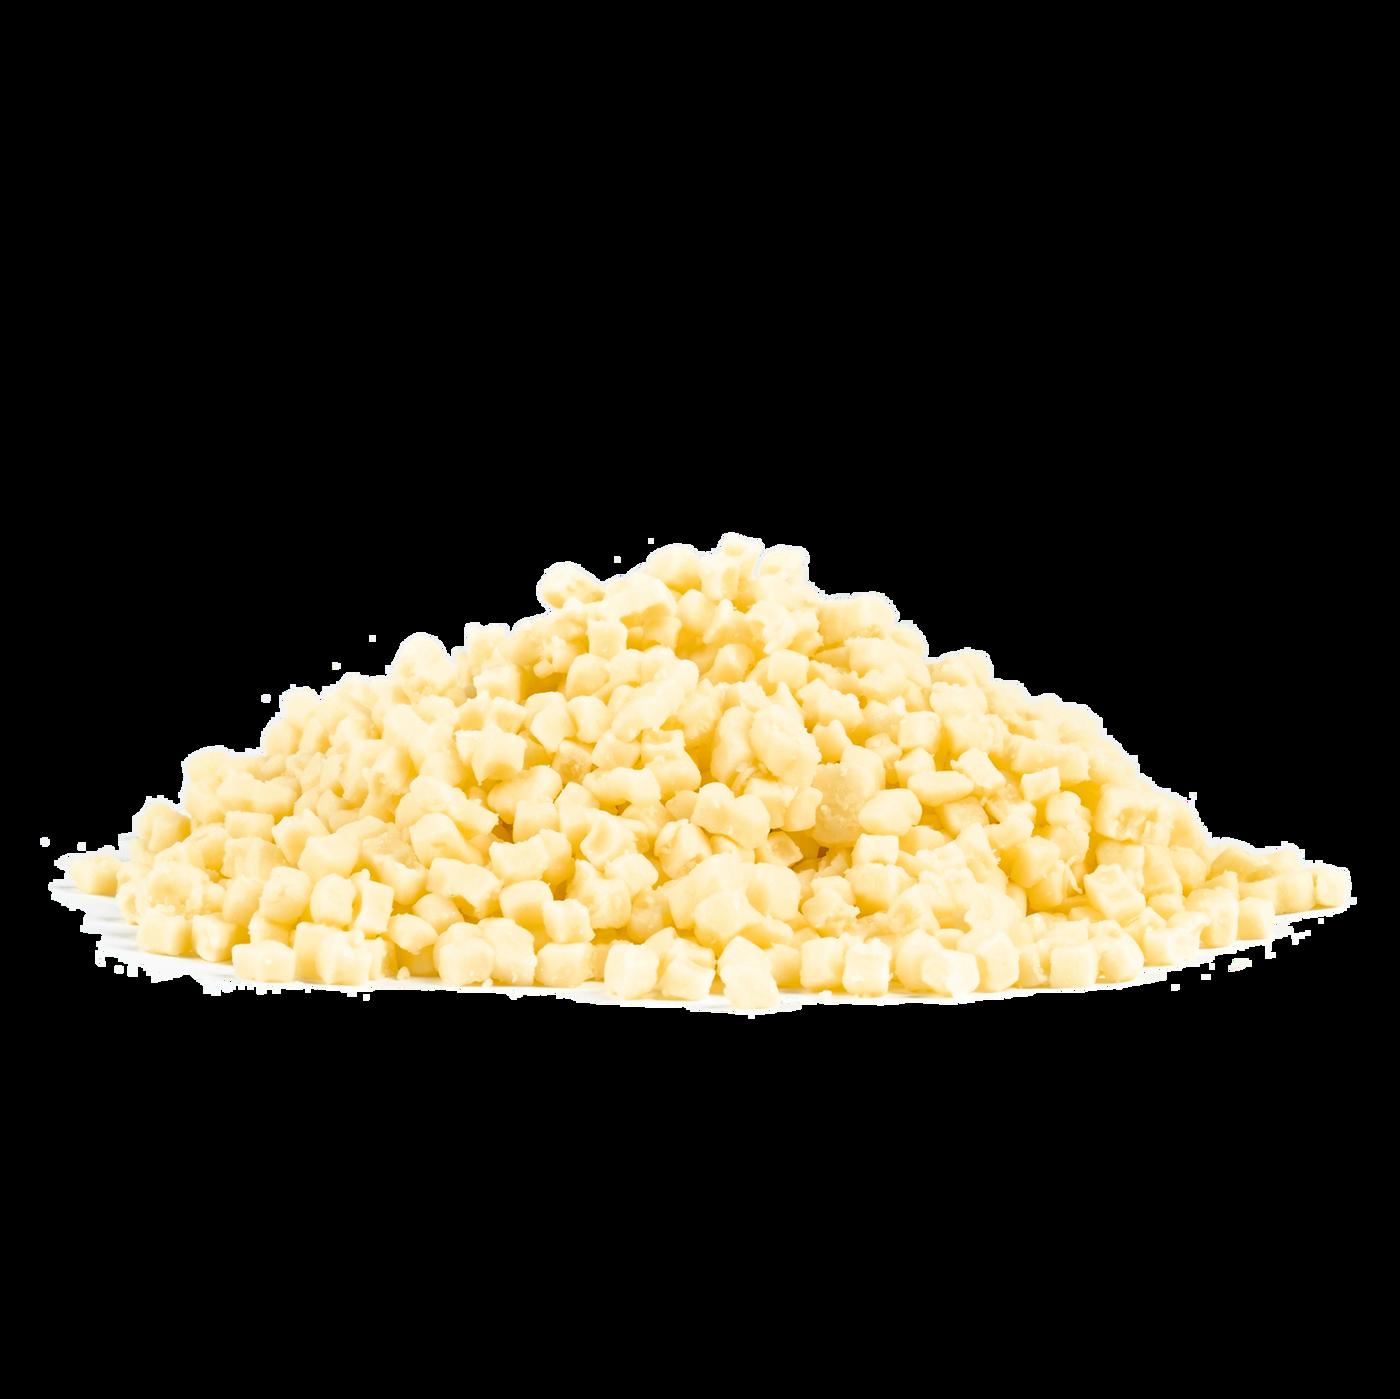 Mozzarella fior di latte picada